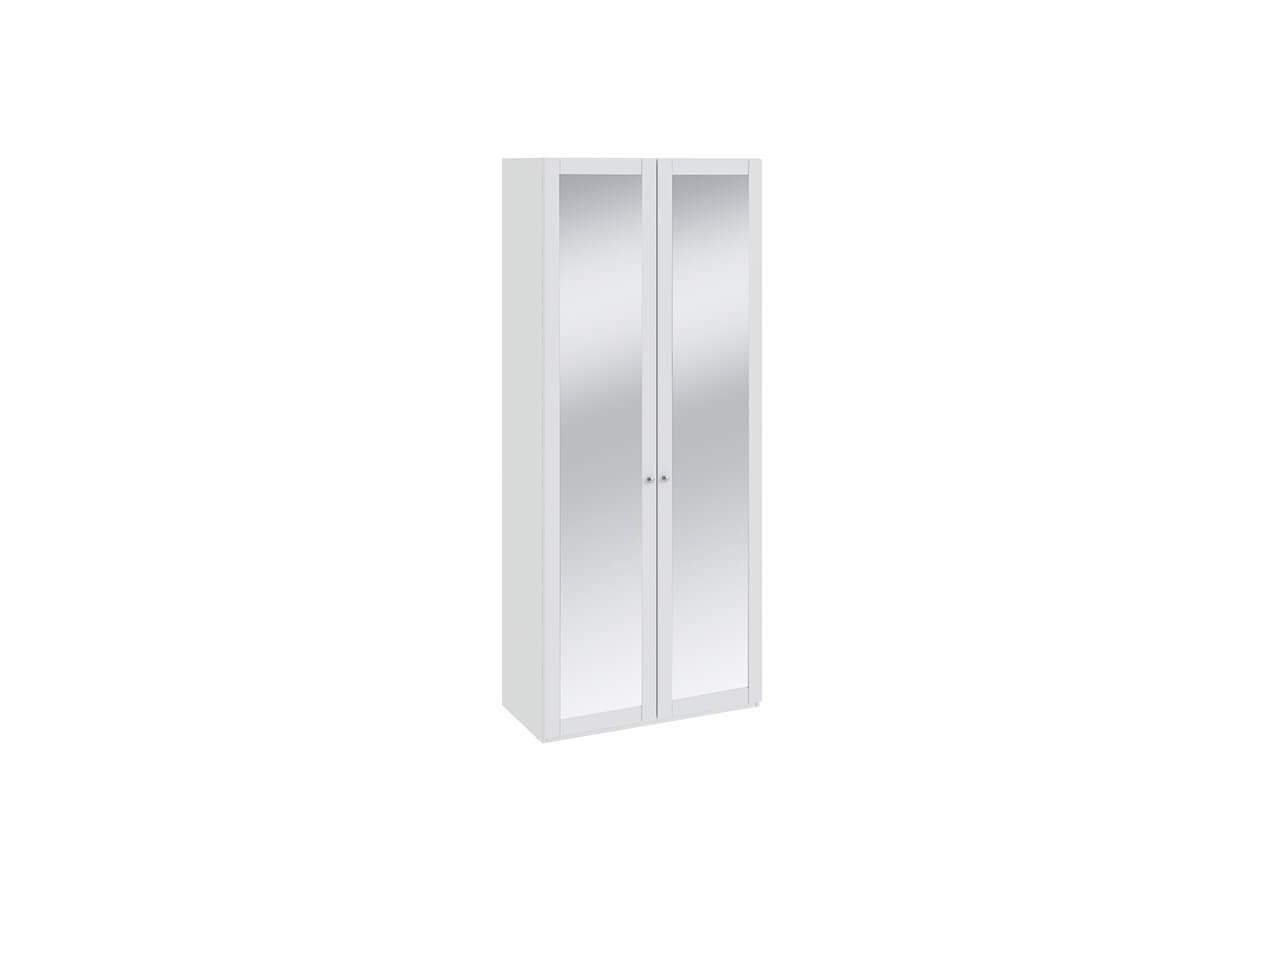 Шкаф_для_одежды_с_2-мя_зеркальными_дверями_Ривьера_СМ_241-22-102_895х452х2111